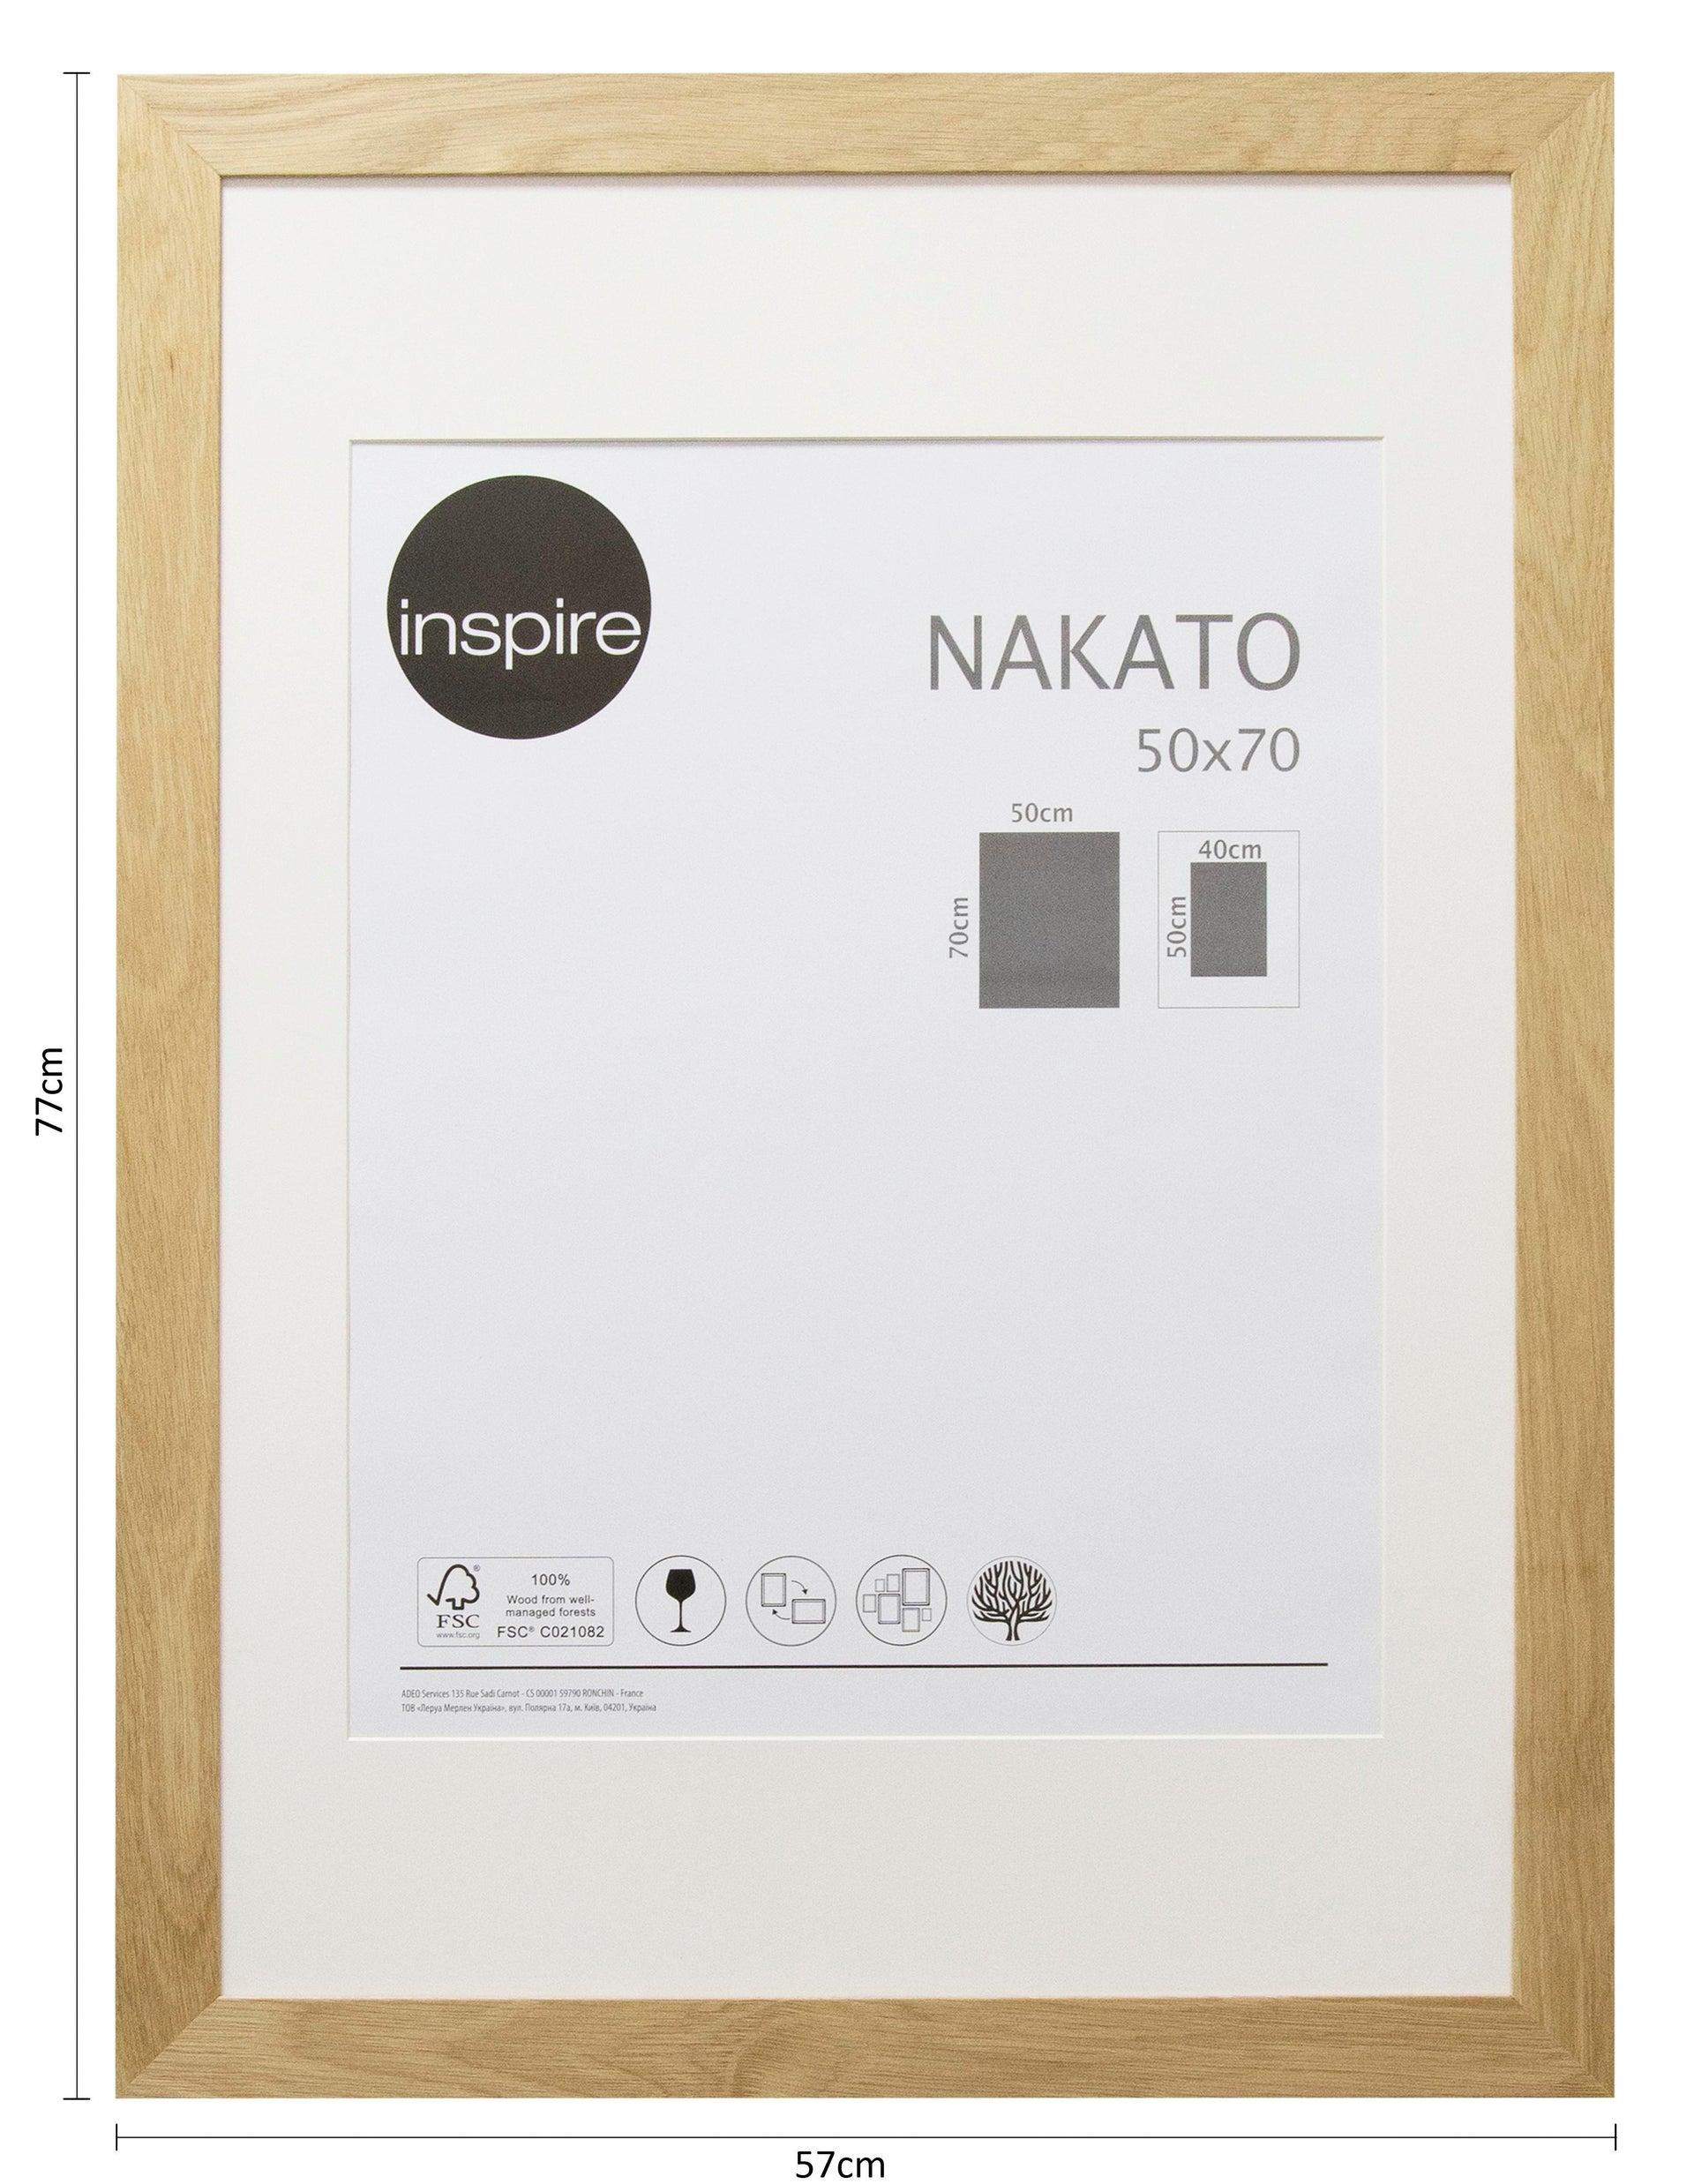 Cornice con passe-partout Inspire nakato rovere 50x70 cm - 3